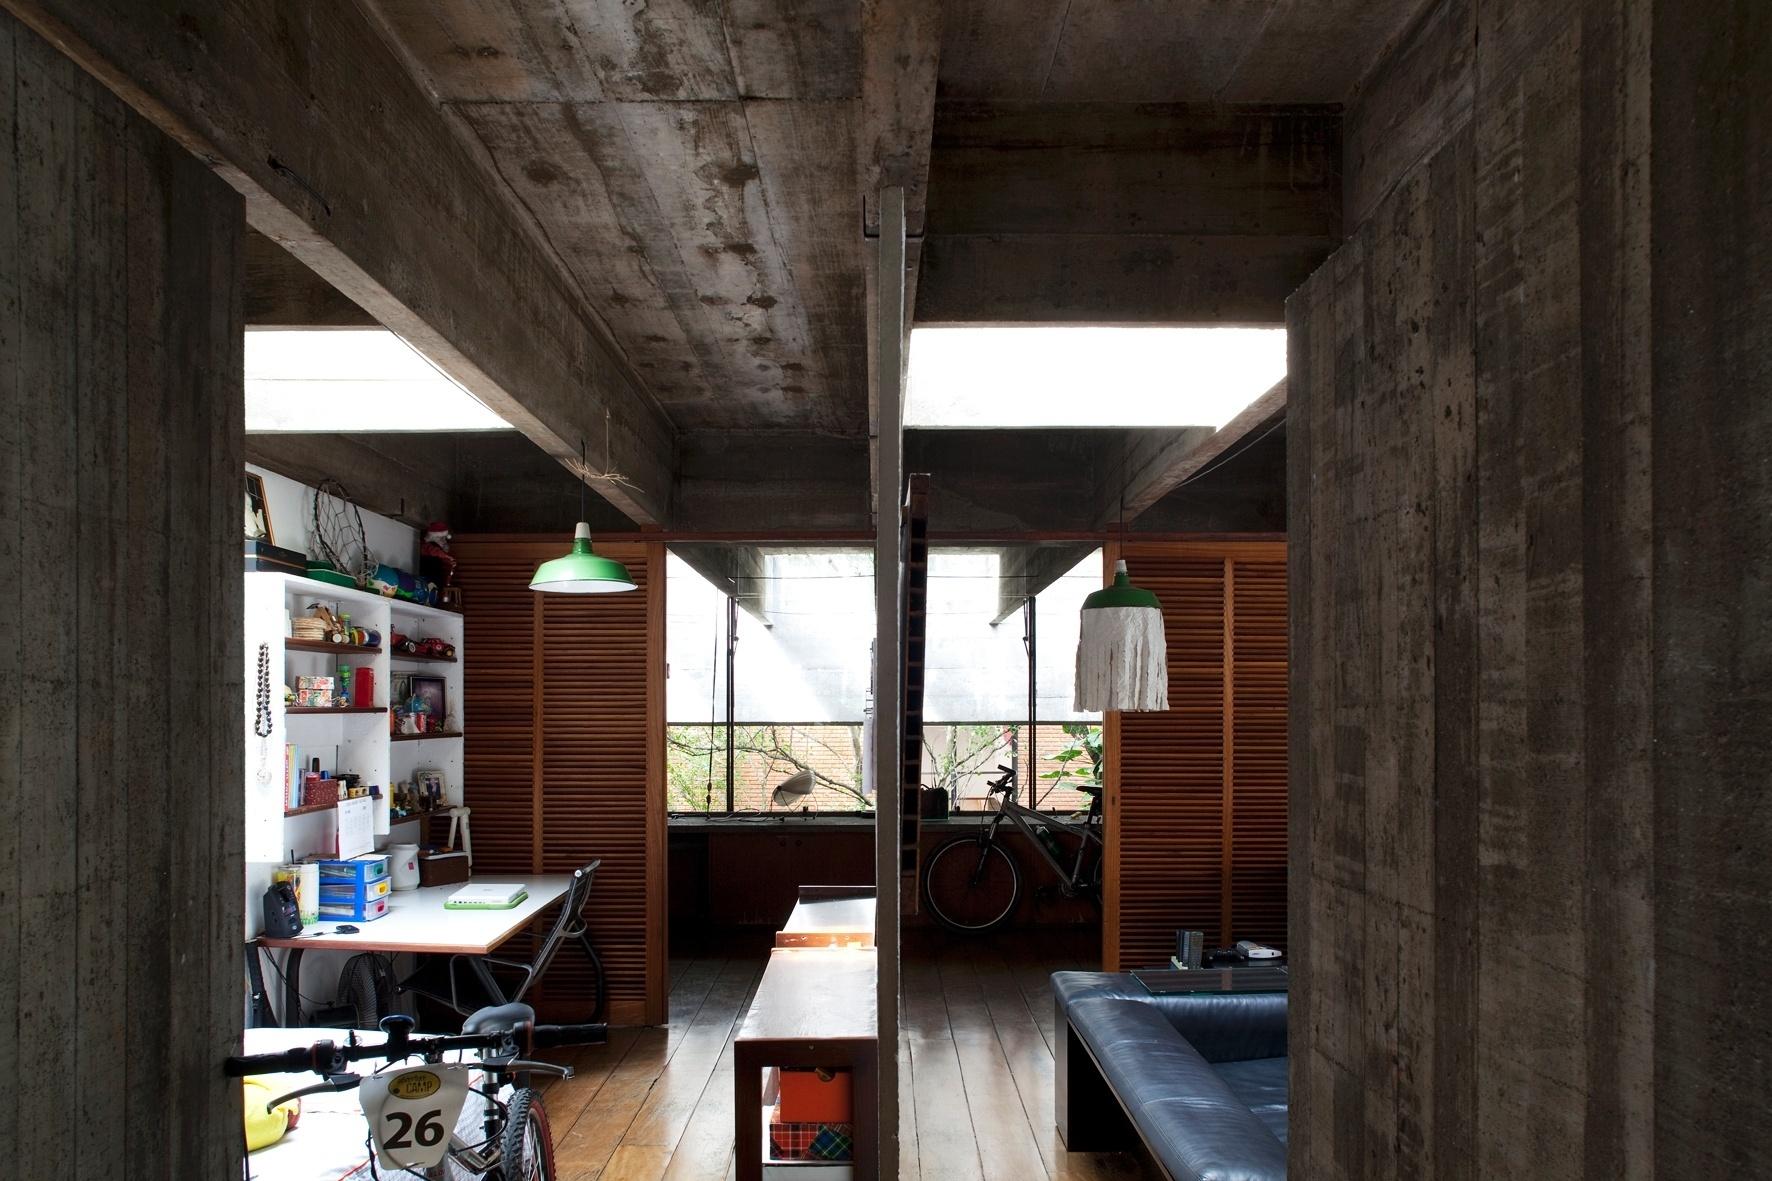 Na foto, é possível ver dois dos cinco dormitórios da casa Butantã, ambos contam com iluminação zenital e têm fechamento com portas-venezianas corrediças. A separação entre os ambientes é tênue e se dá por uma parede de concreto com apenas 3,5 cm de espessura. A residência foi projetada por Paulo Mendes da Rocha nos anos 1960